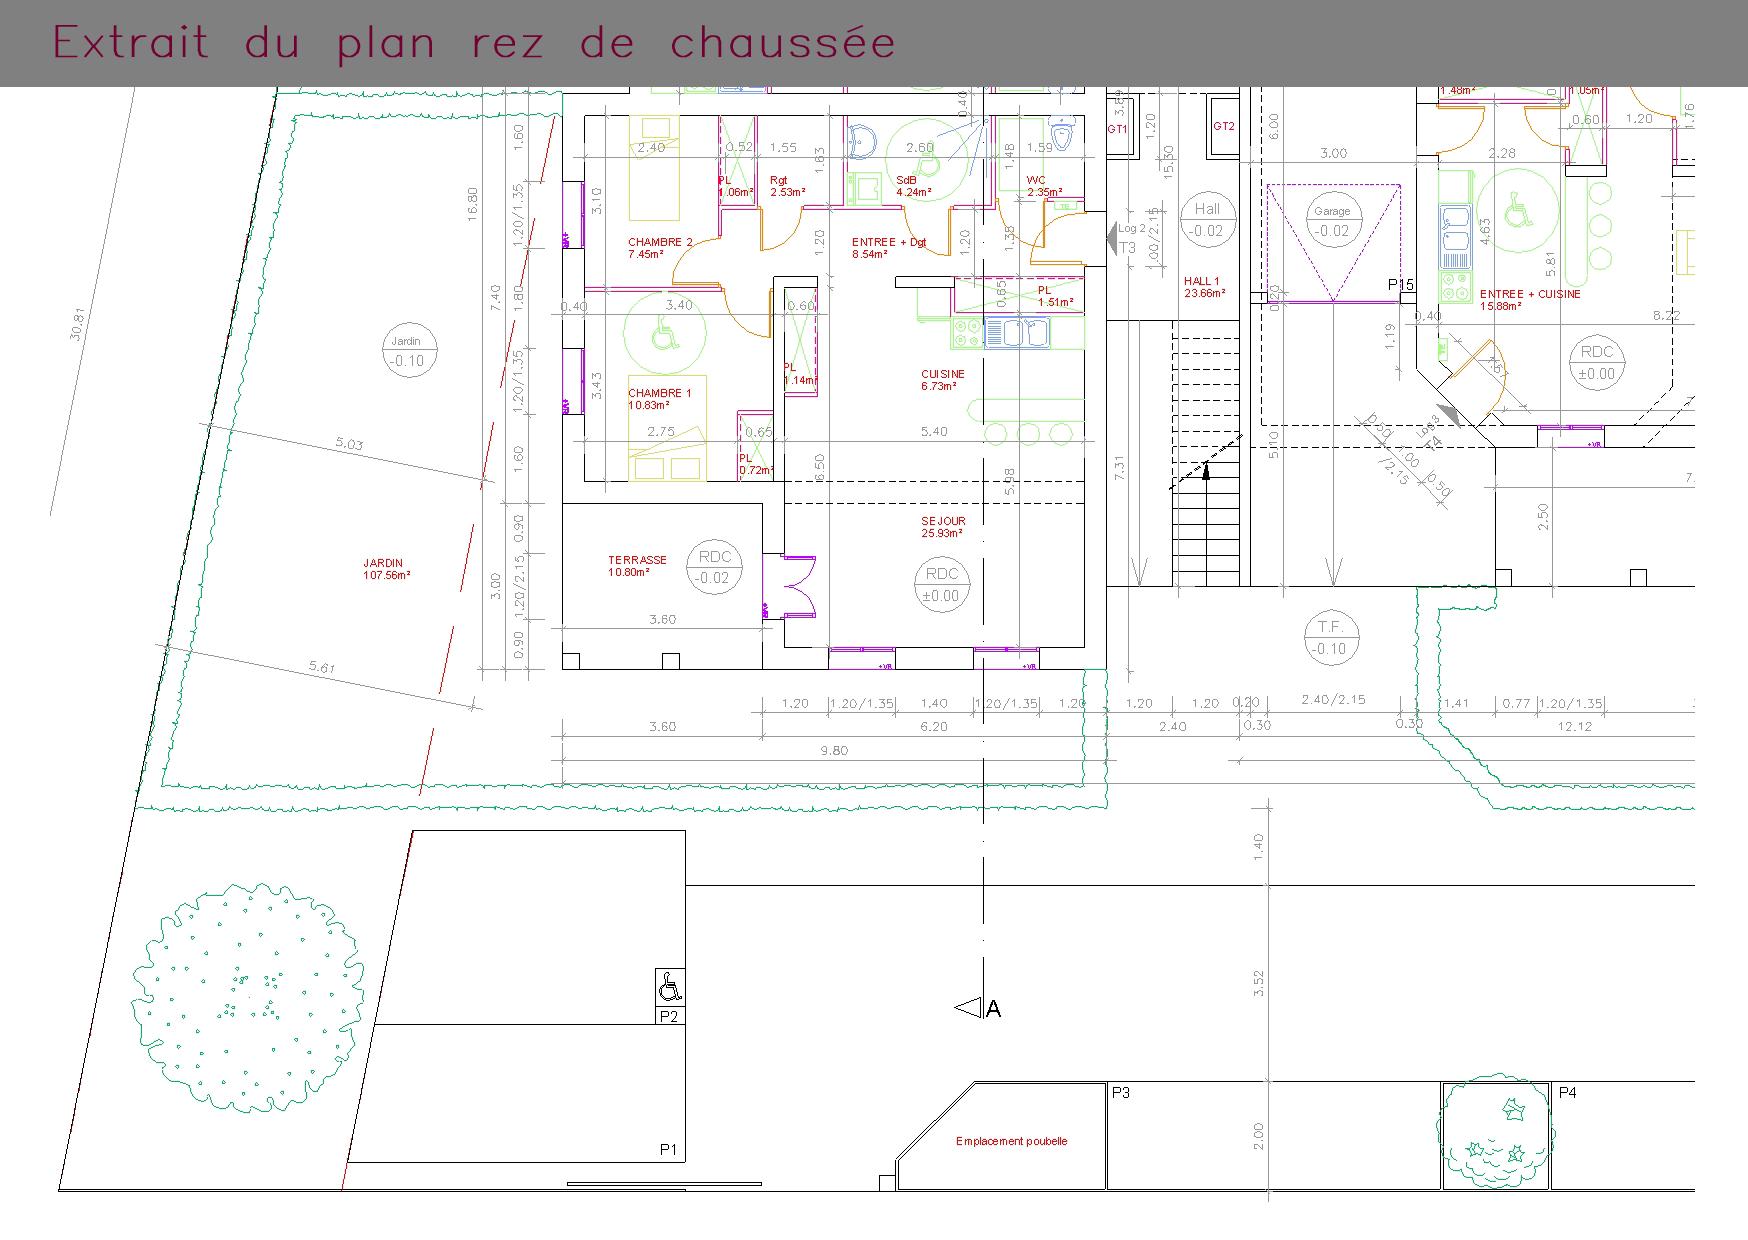 Plan d'une habitation : rez-de-chaussée